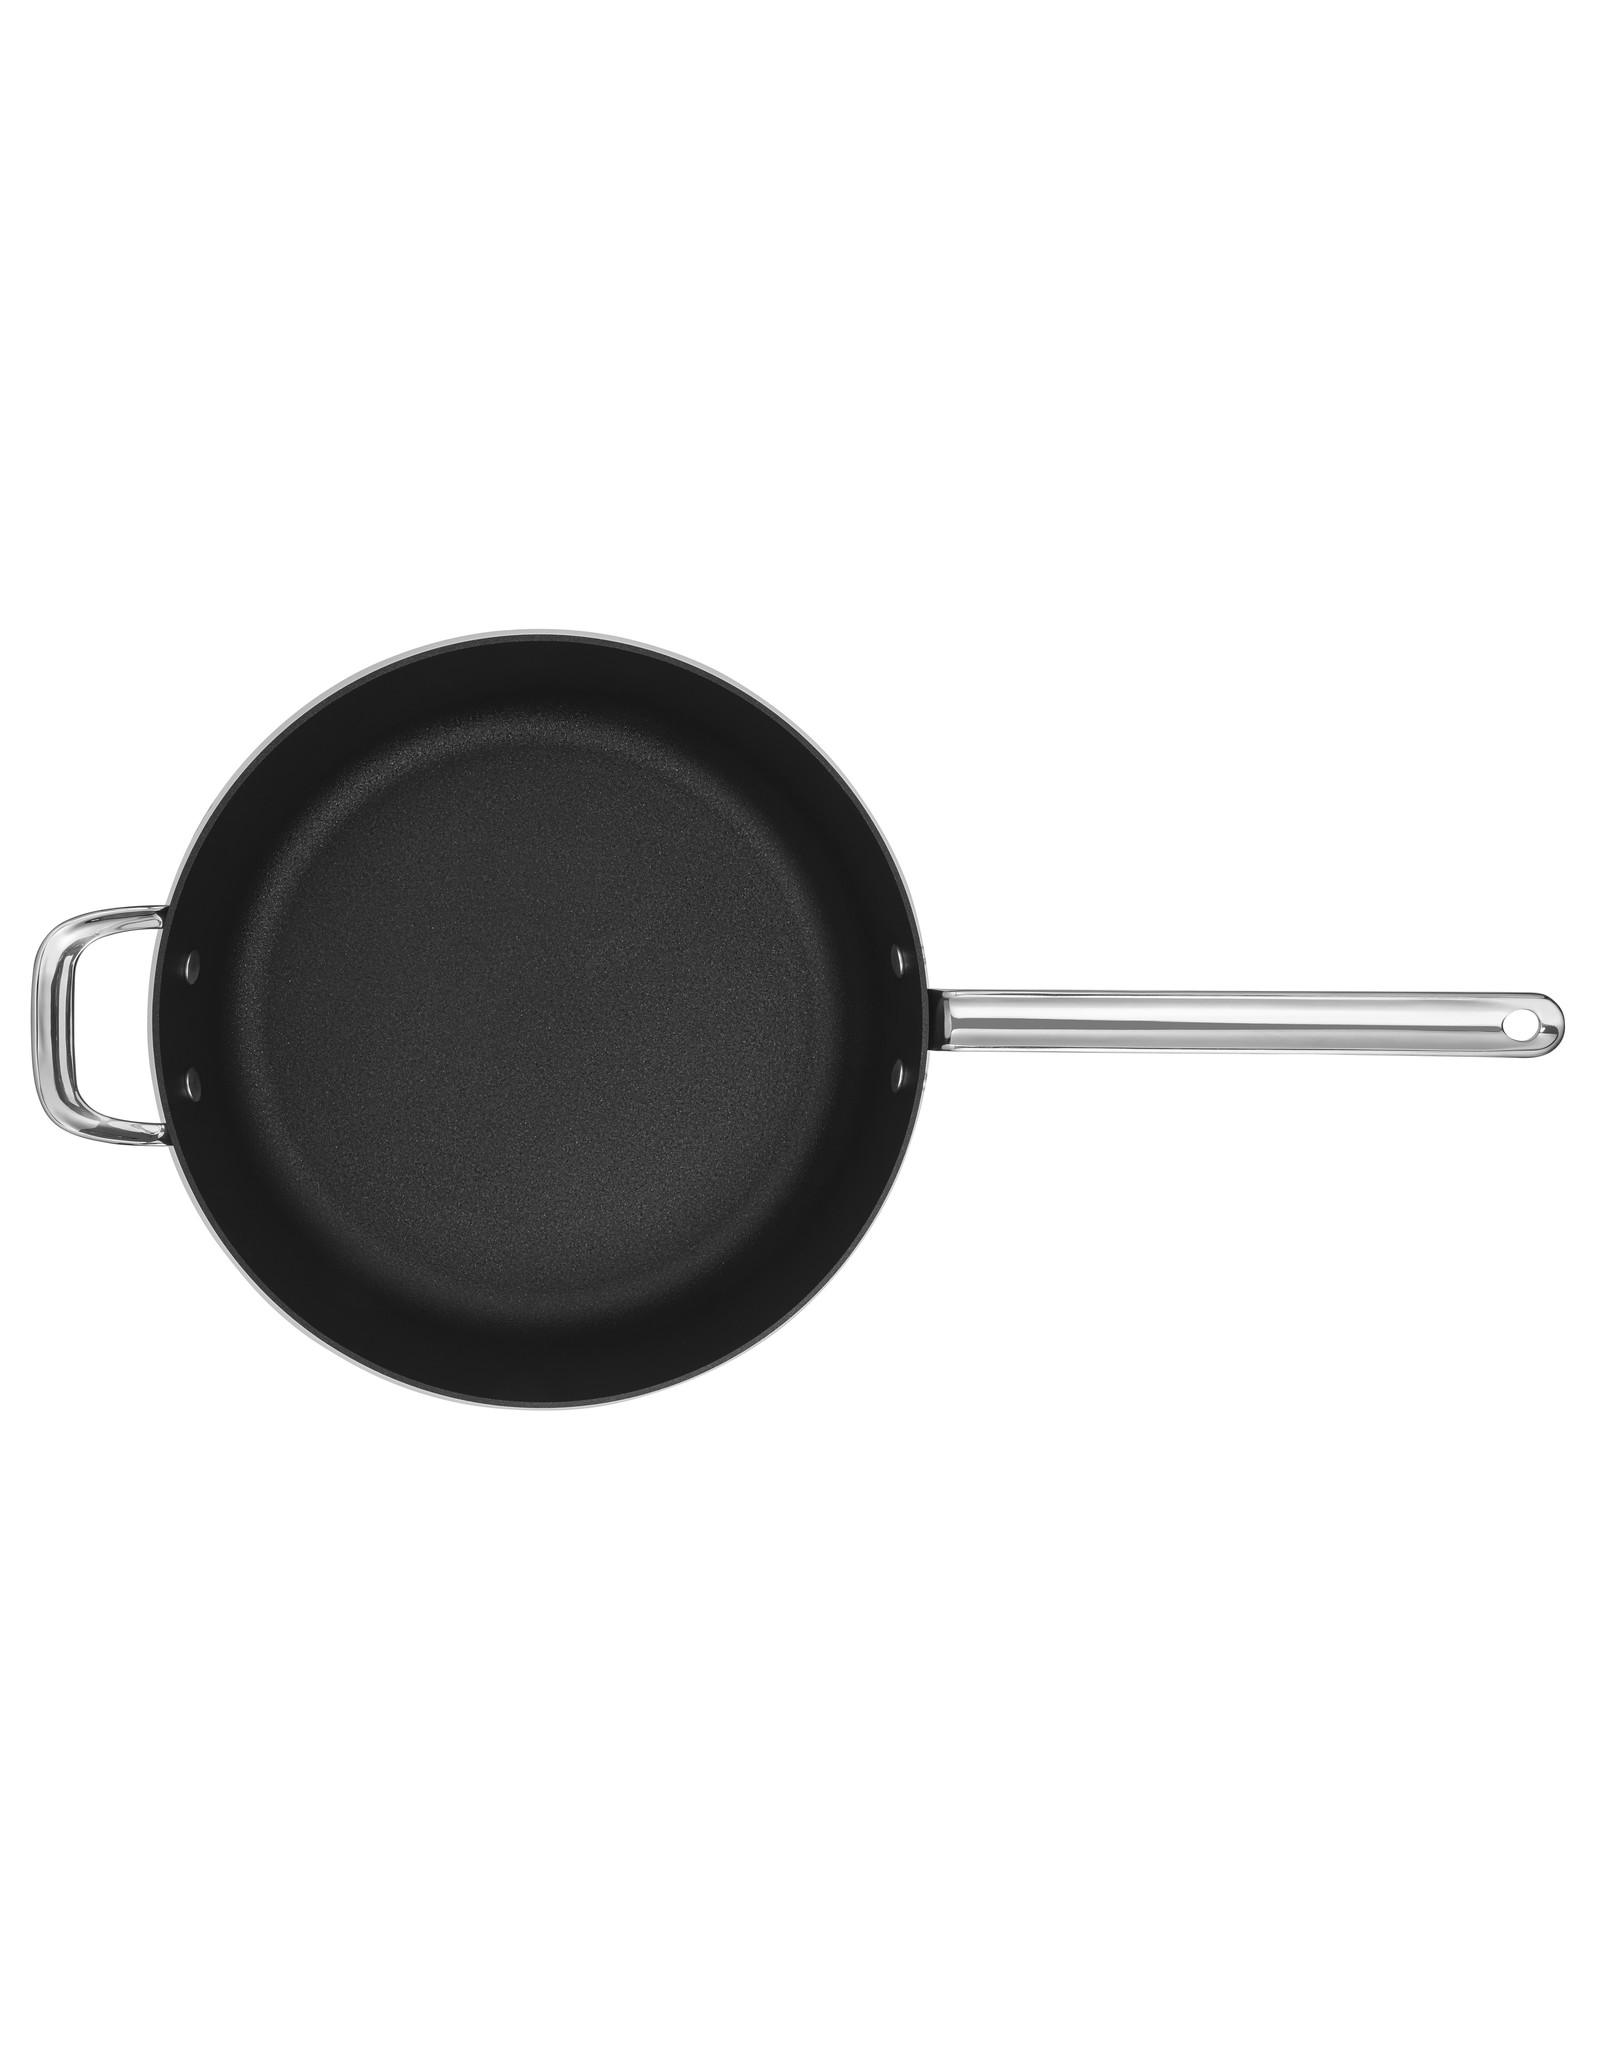 Scanpan TechnIQ Sauteer Pan30cm  5.3L